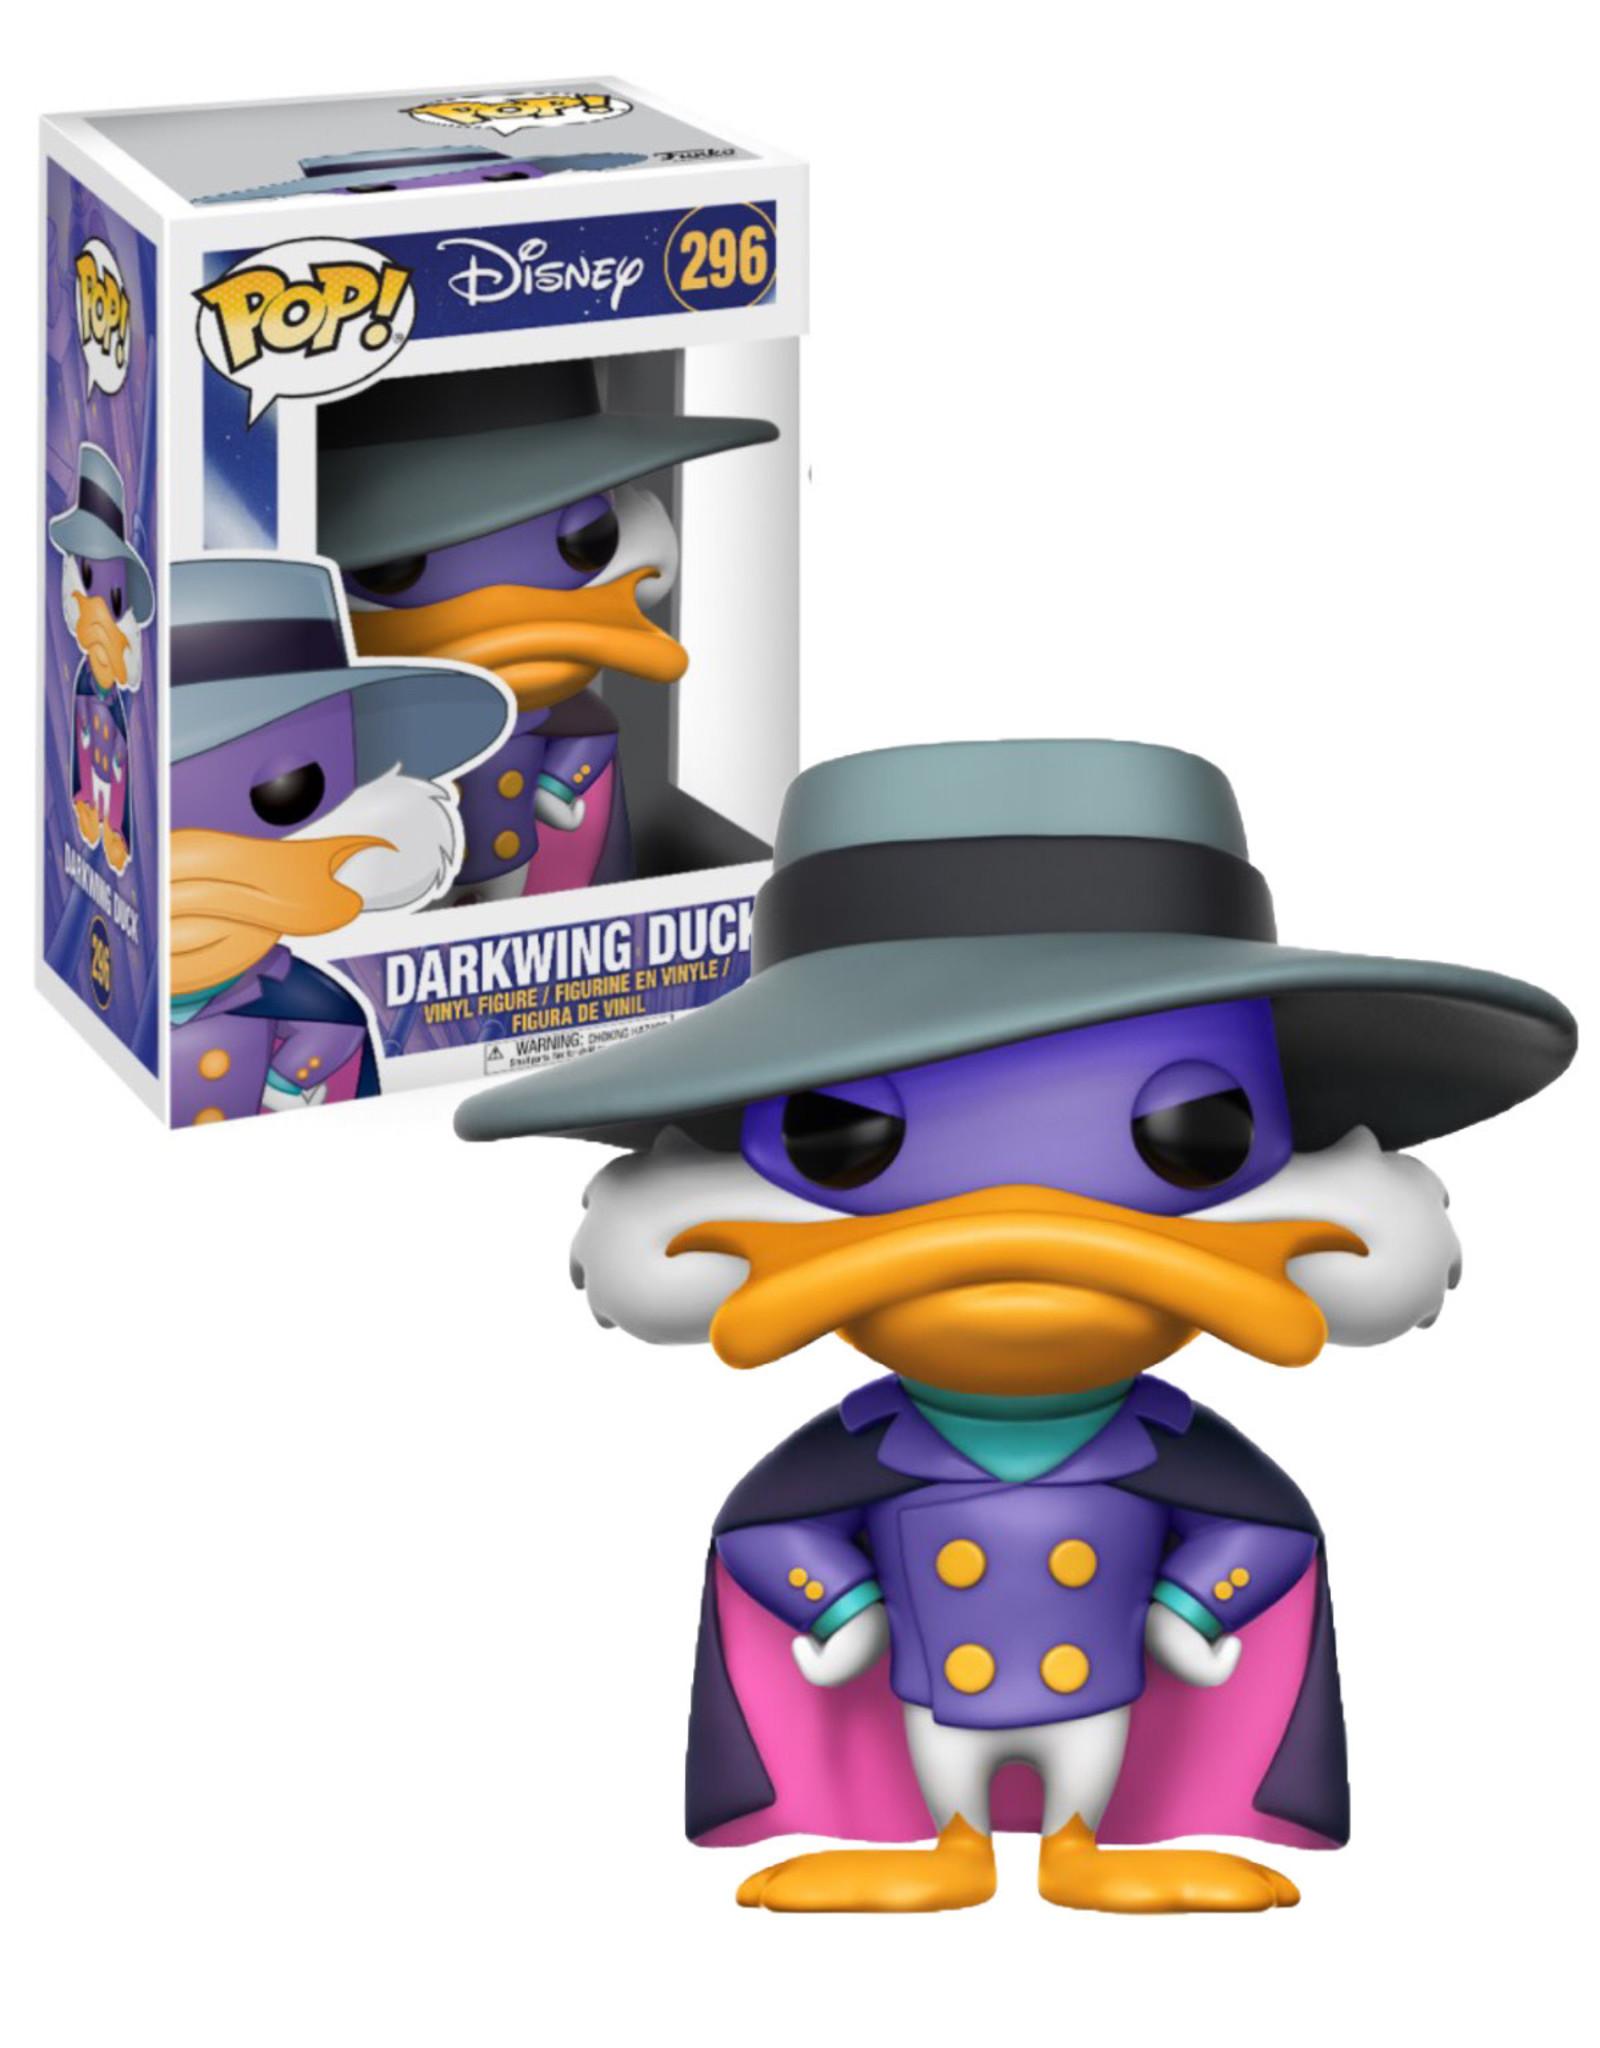 Disney Disney 296 ( Funko Pop ) Darkwing Duck